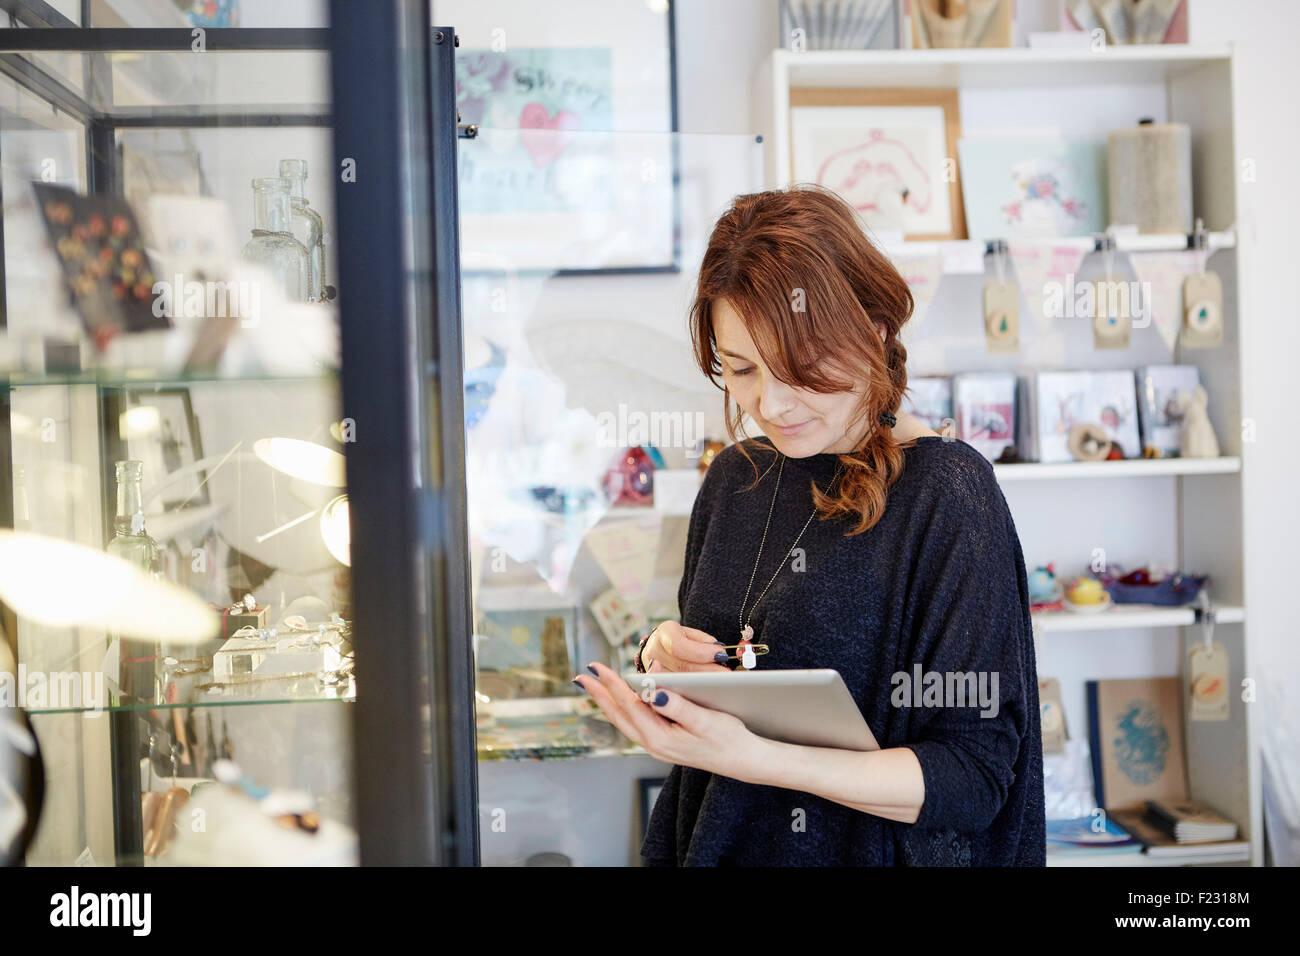 Une femme mature à l'aide d'une tablette numérique, en utilisant l'écran tactile, l'inventaire Photo Stock